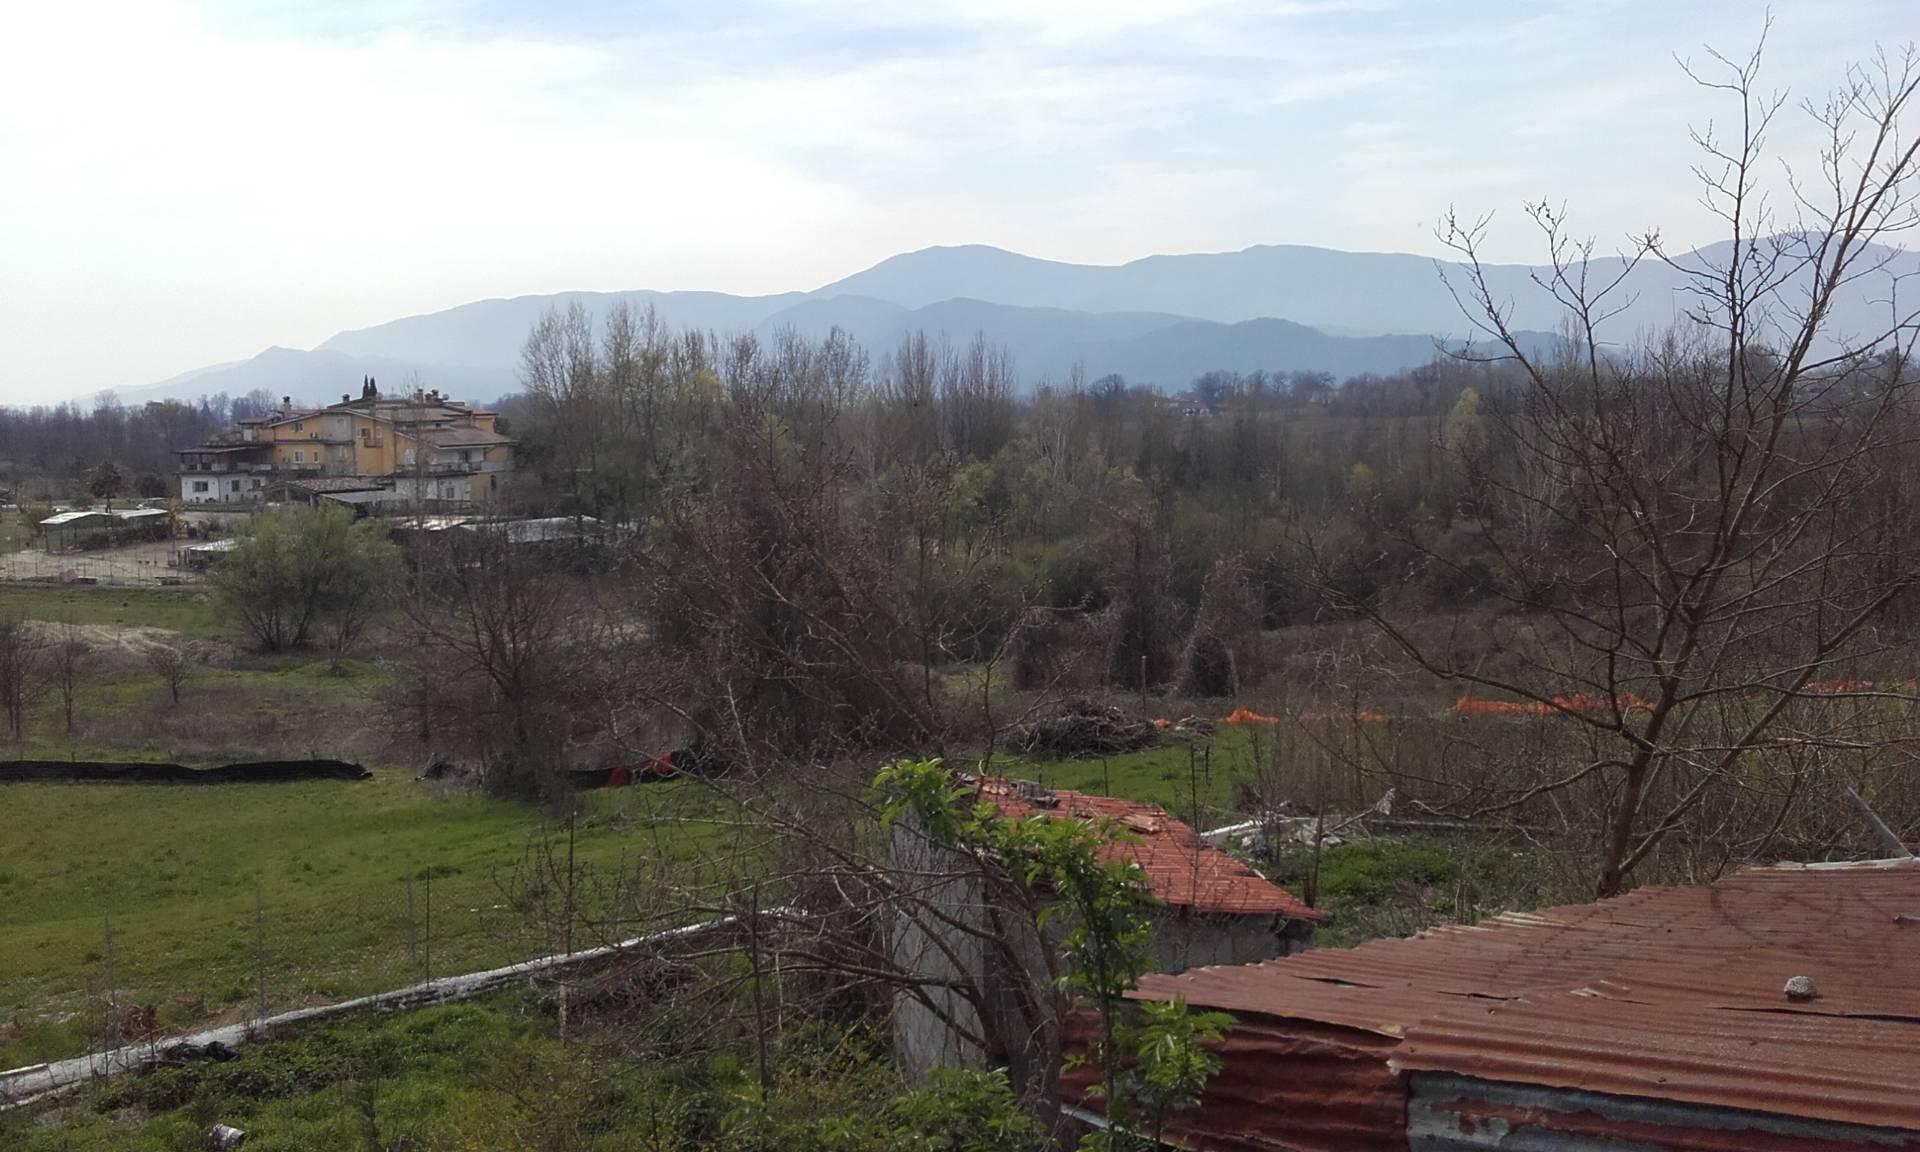 Terreno Agricolo in vendita a Cassino, 9999 locali, prezzo € 100.000 | CambioCasa.it